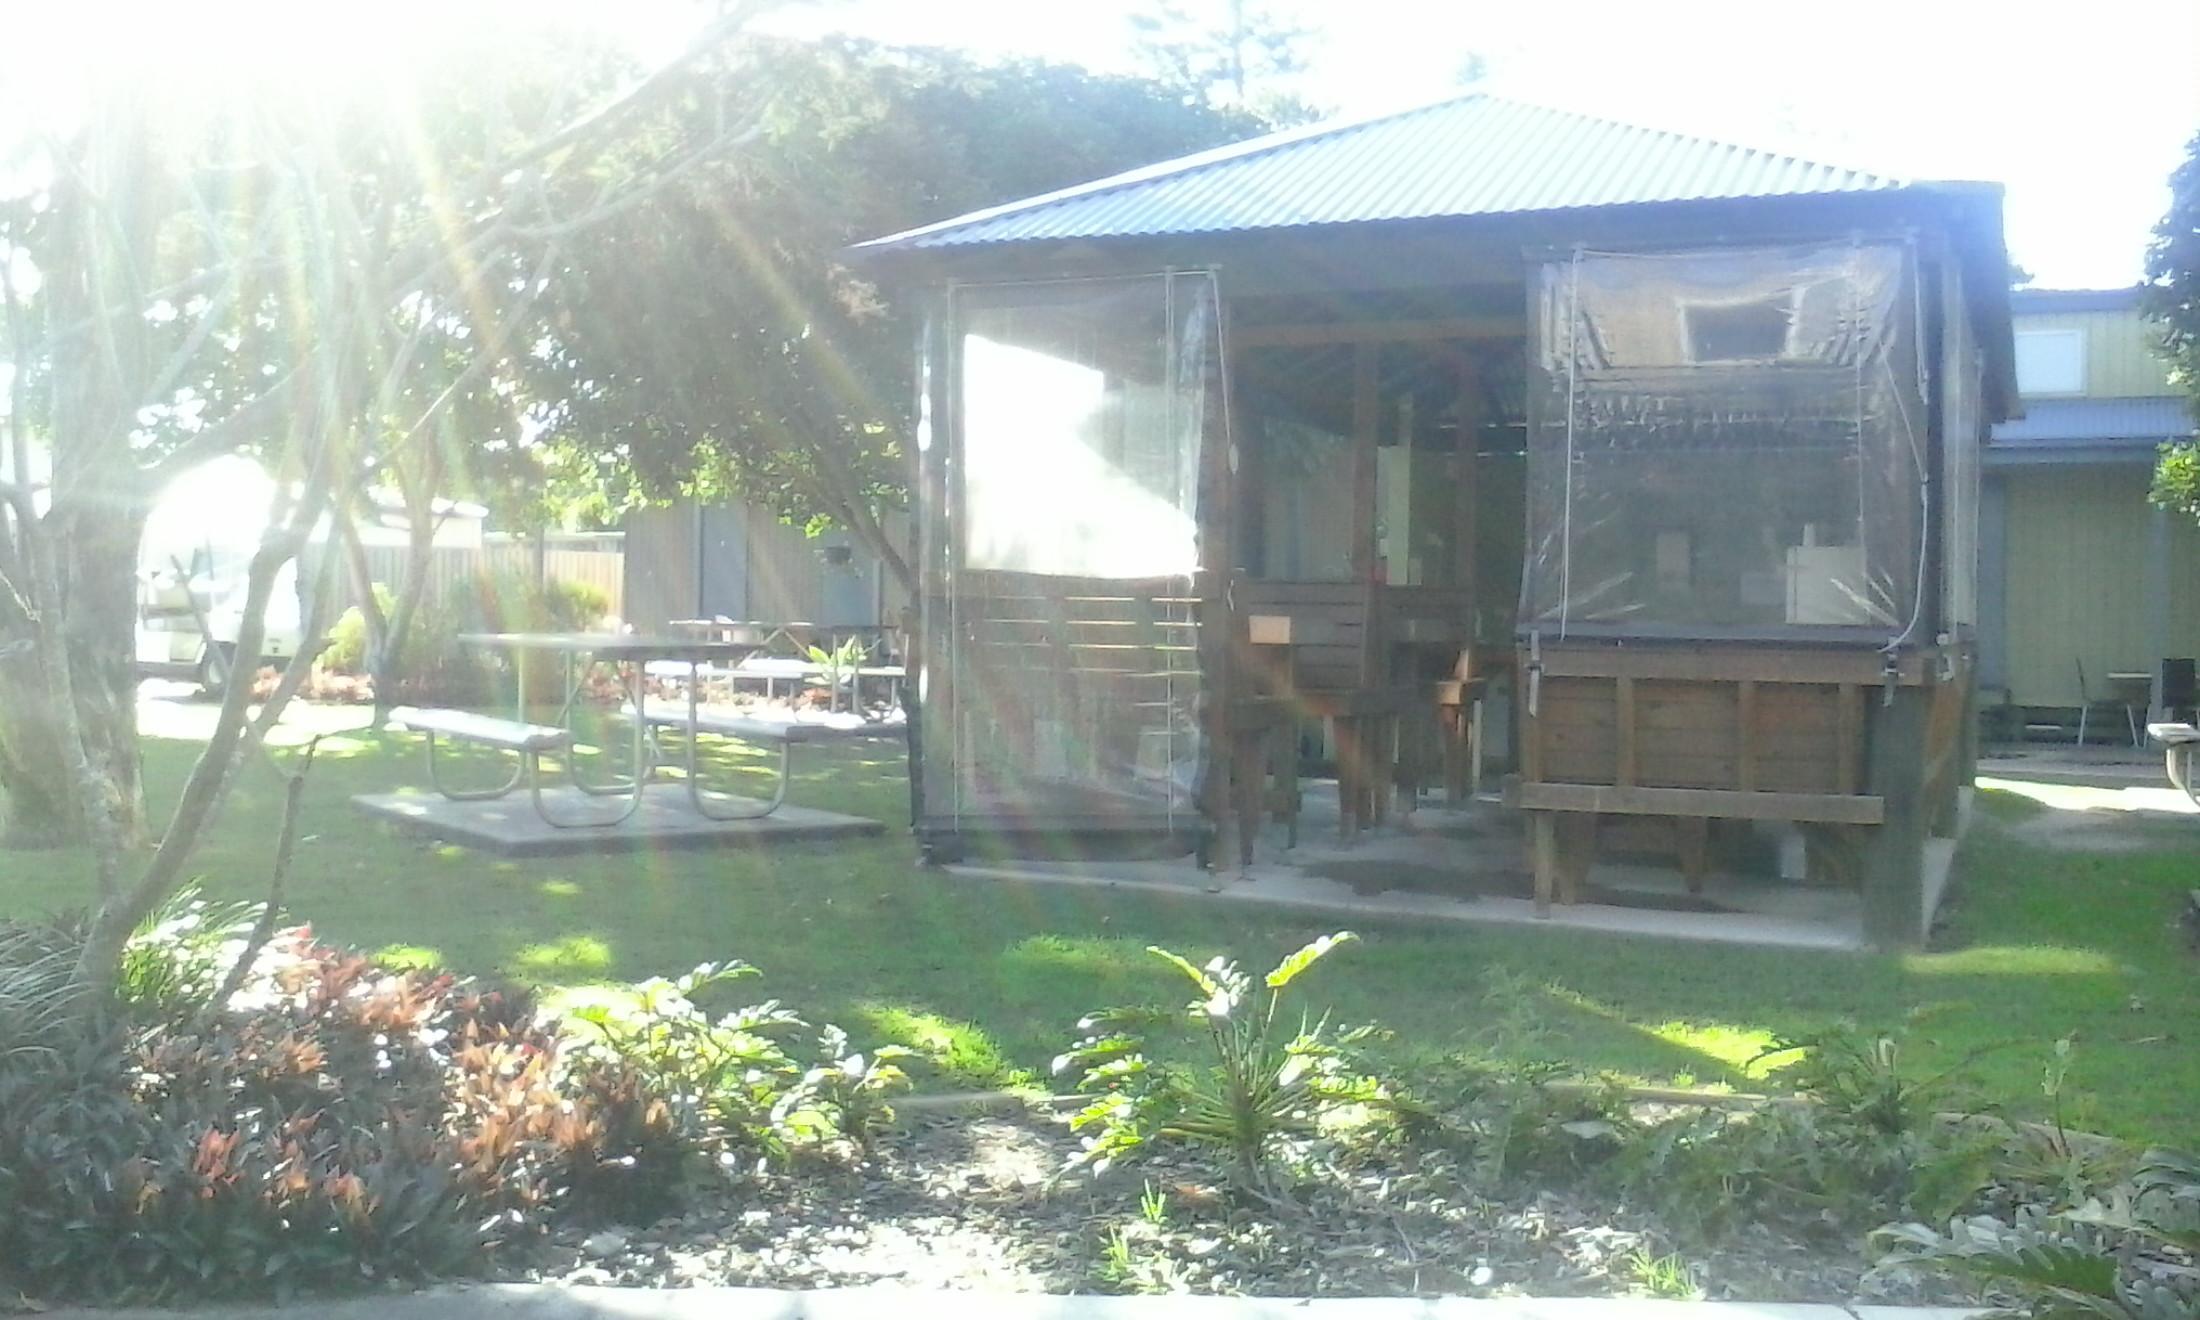 Cabins at lodge